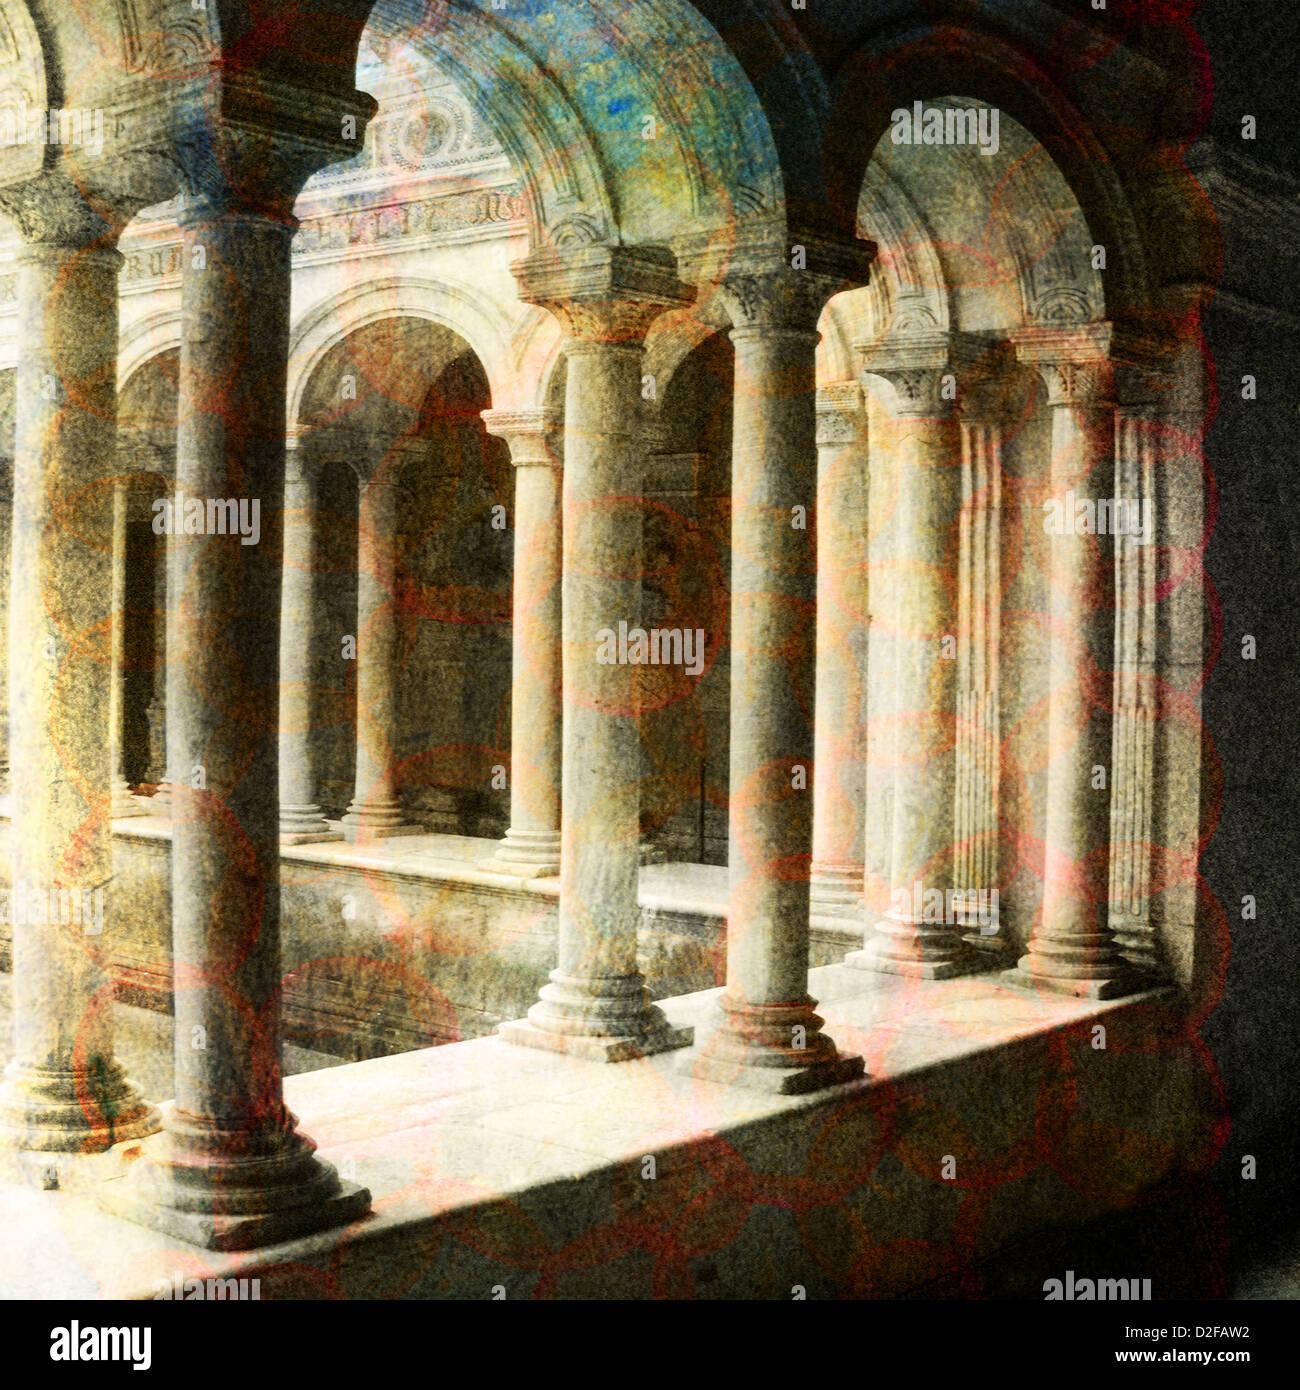 Architettura classica romana. In base foto illustrazione. Immagini Stock